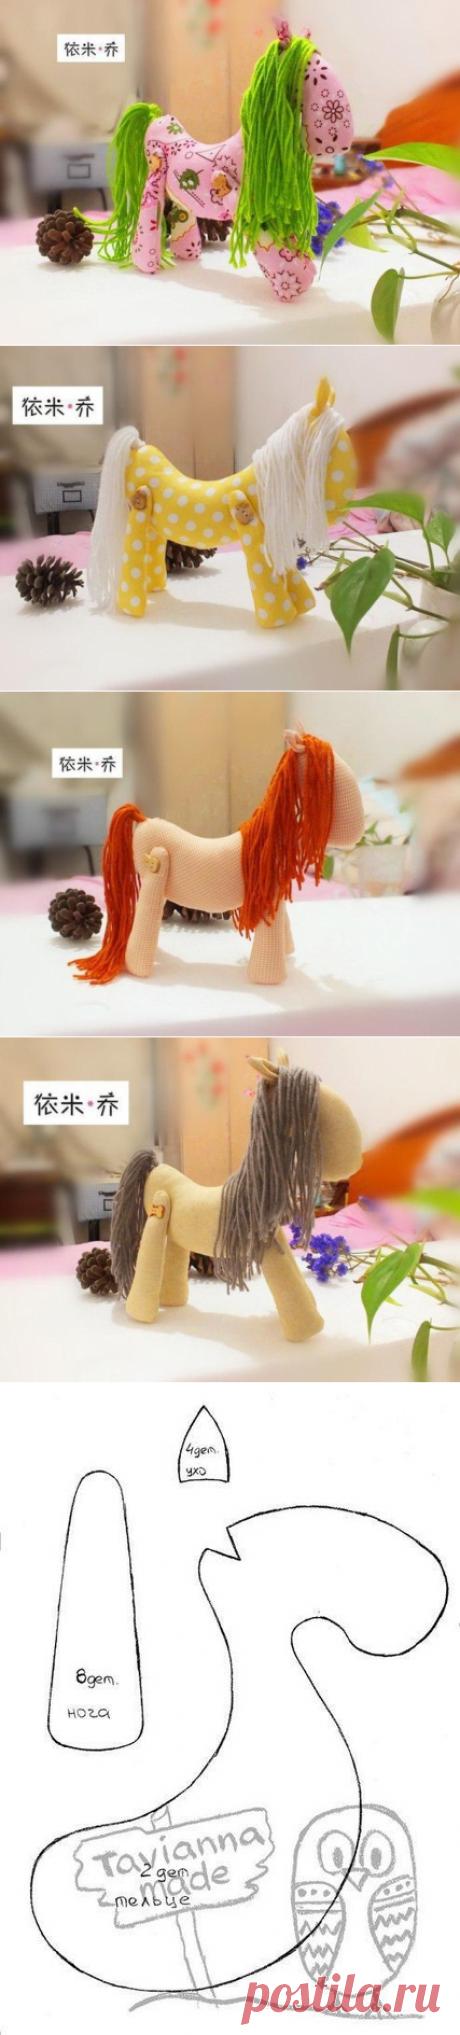 Наборы для творчества куклы своими руками